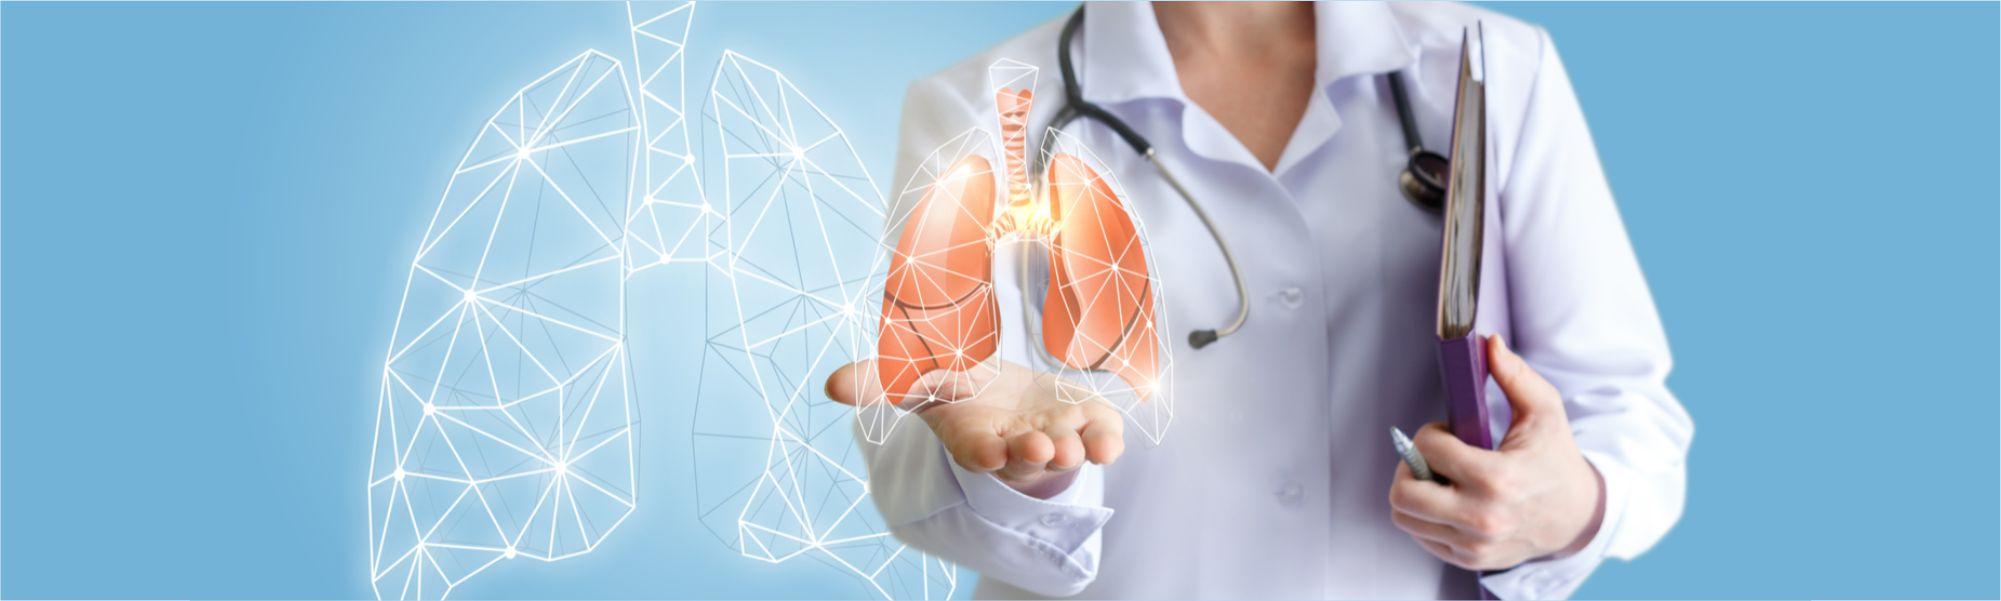 Παρίσης Χρυσοβαλάντης- Πνευμονολόγος - Φυματιολόγος